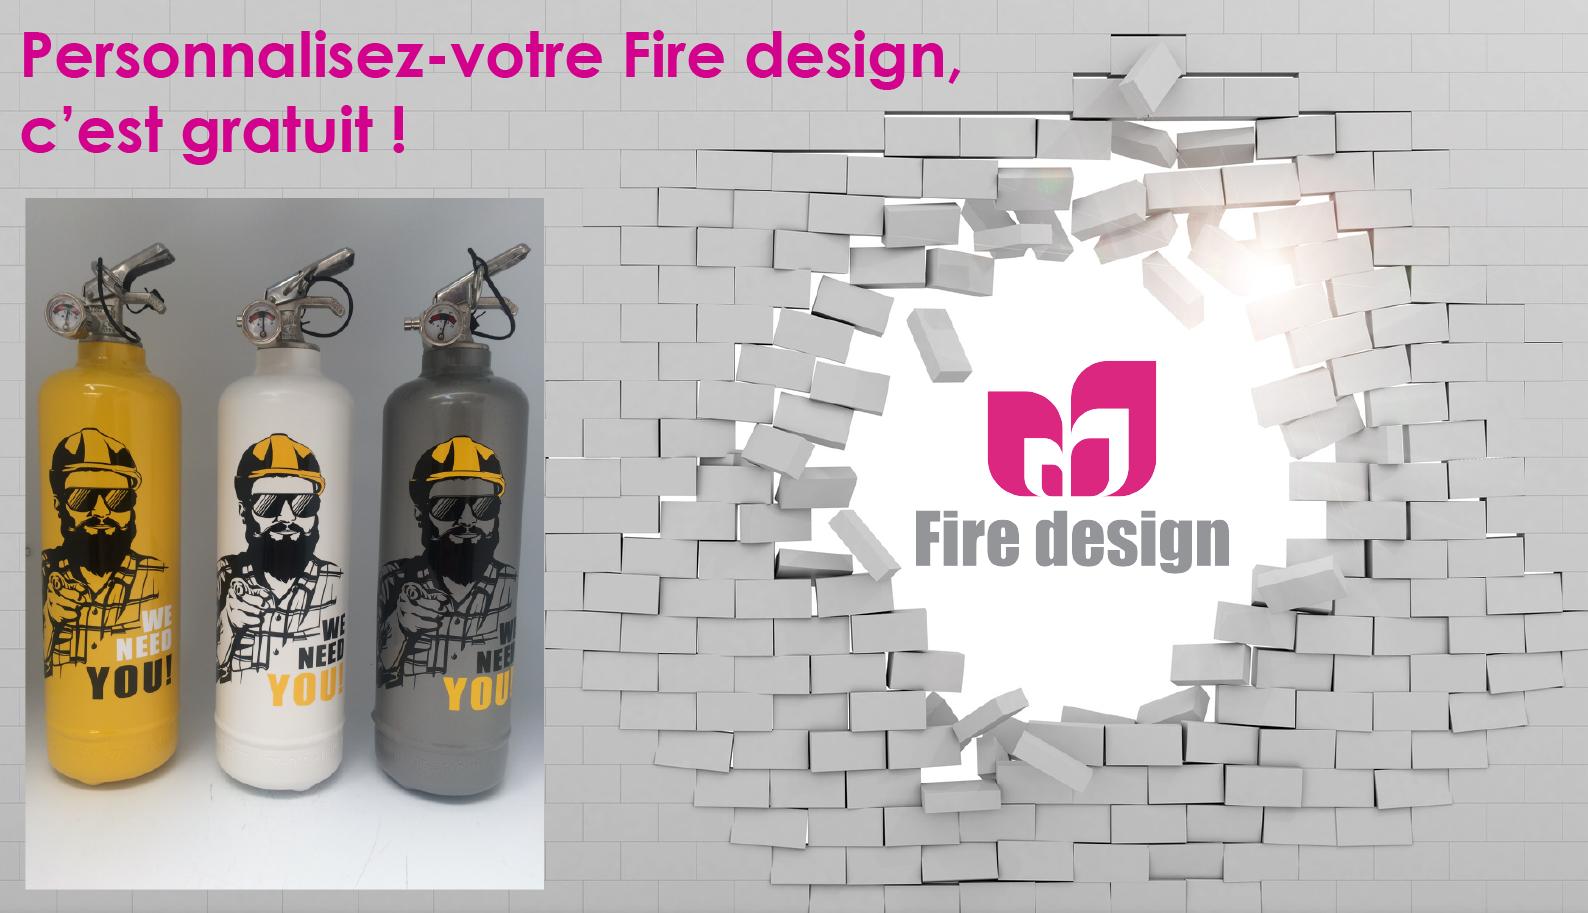 Personnalisation gratuite de votre extincteur fire design